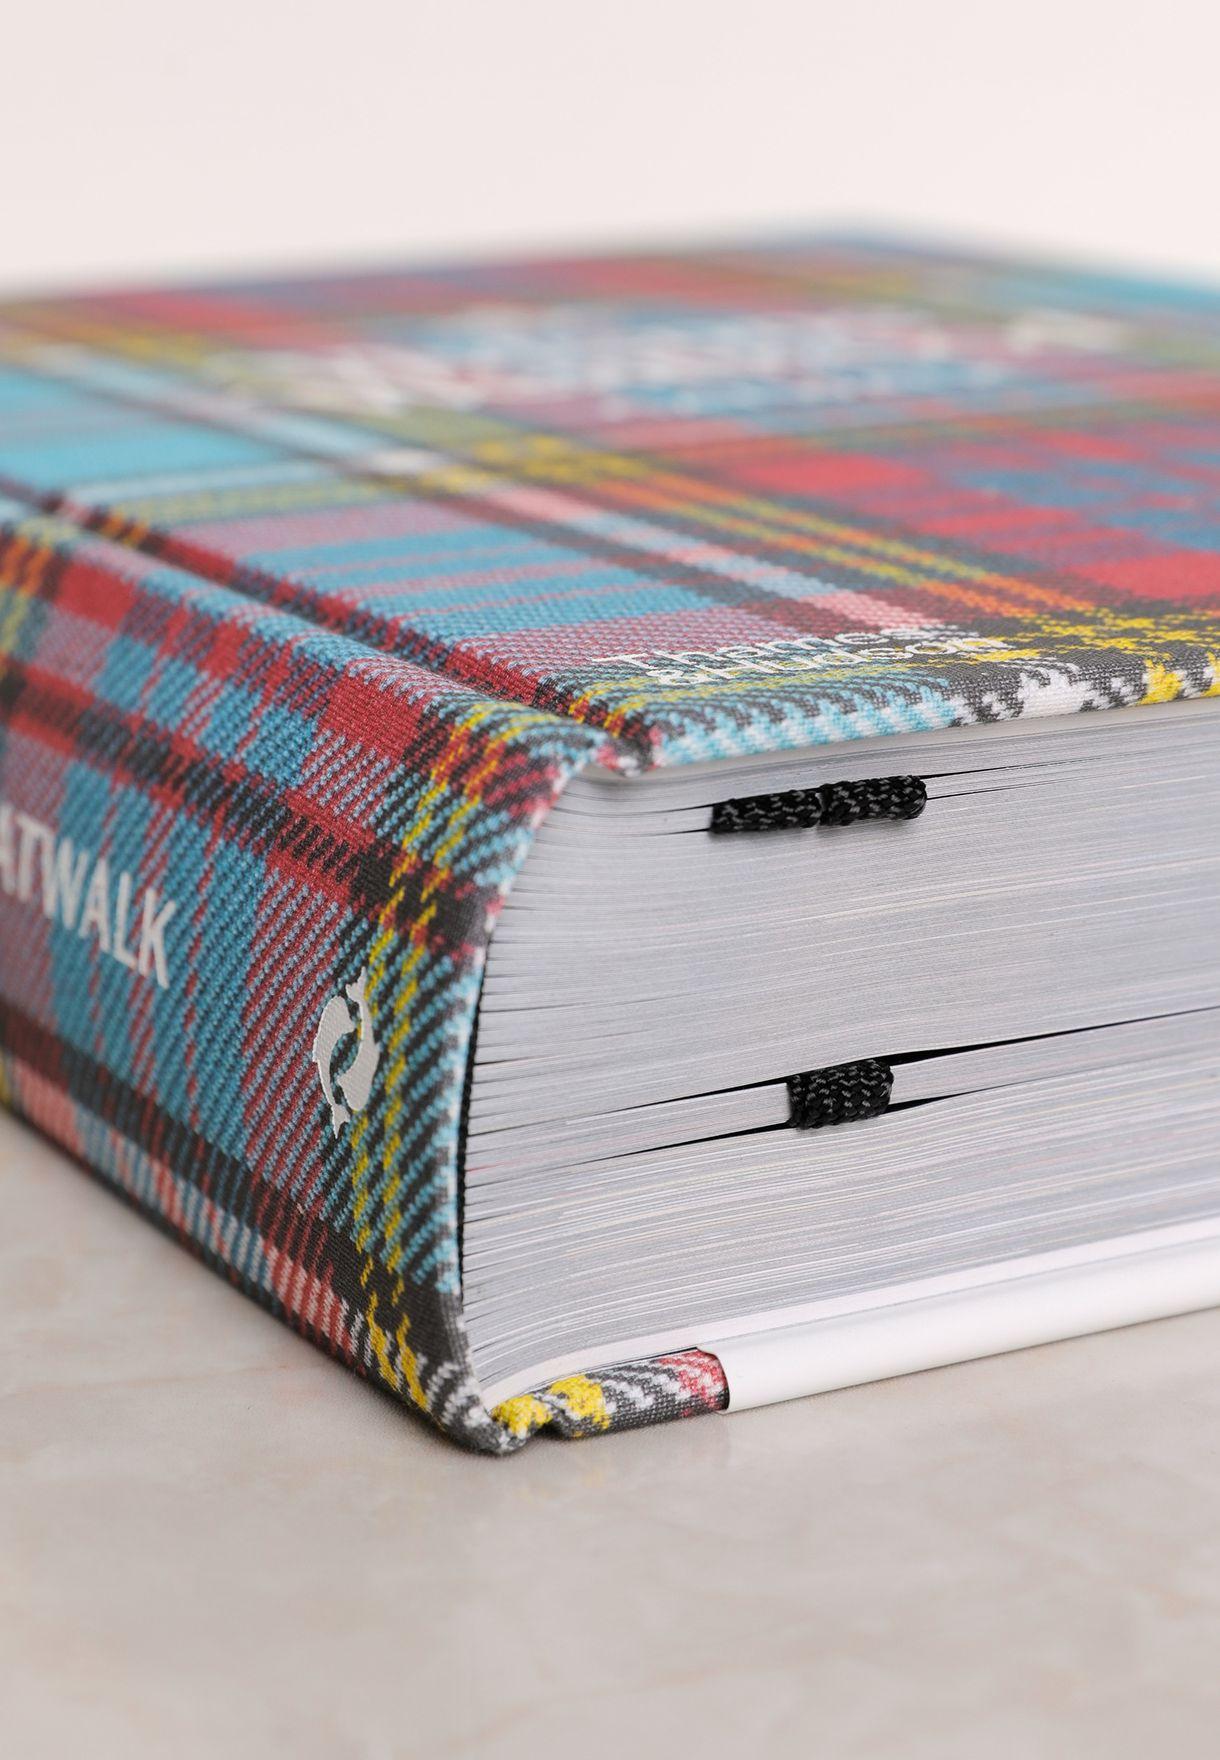 كتاب فيفيان ويستوود كات ووك